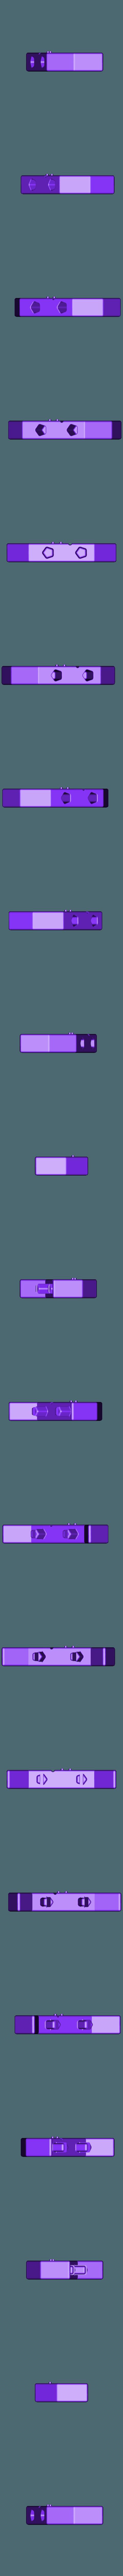 K.stl Download free STL file Rocket Fittle Puzzle • 3D printer design, Fittle